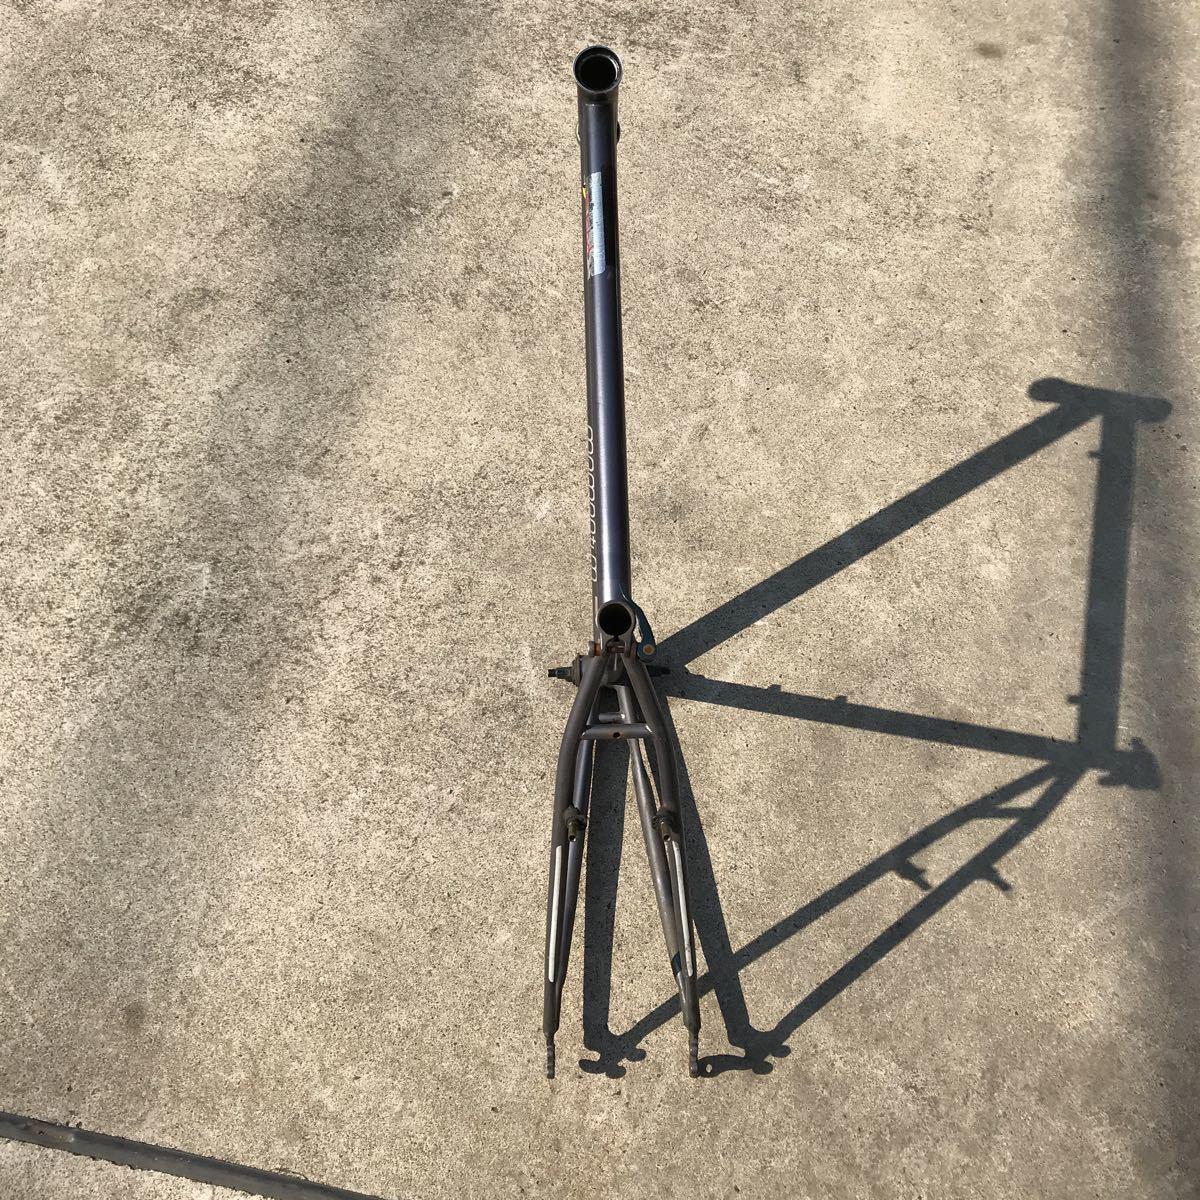 momentum モーメンタム クロスバイク フレーム 500mm 700×28c ジャイアント 中古 28-700_画像5